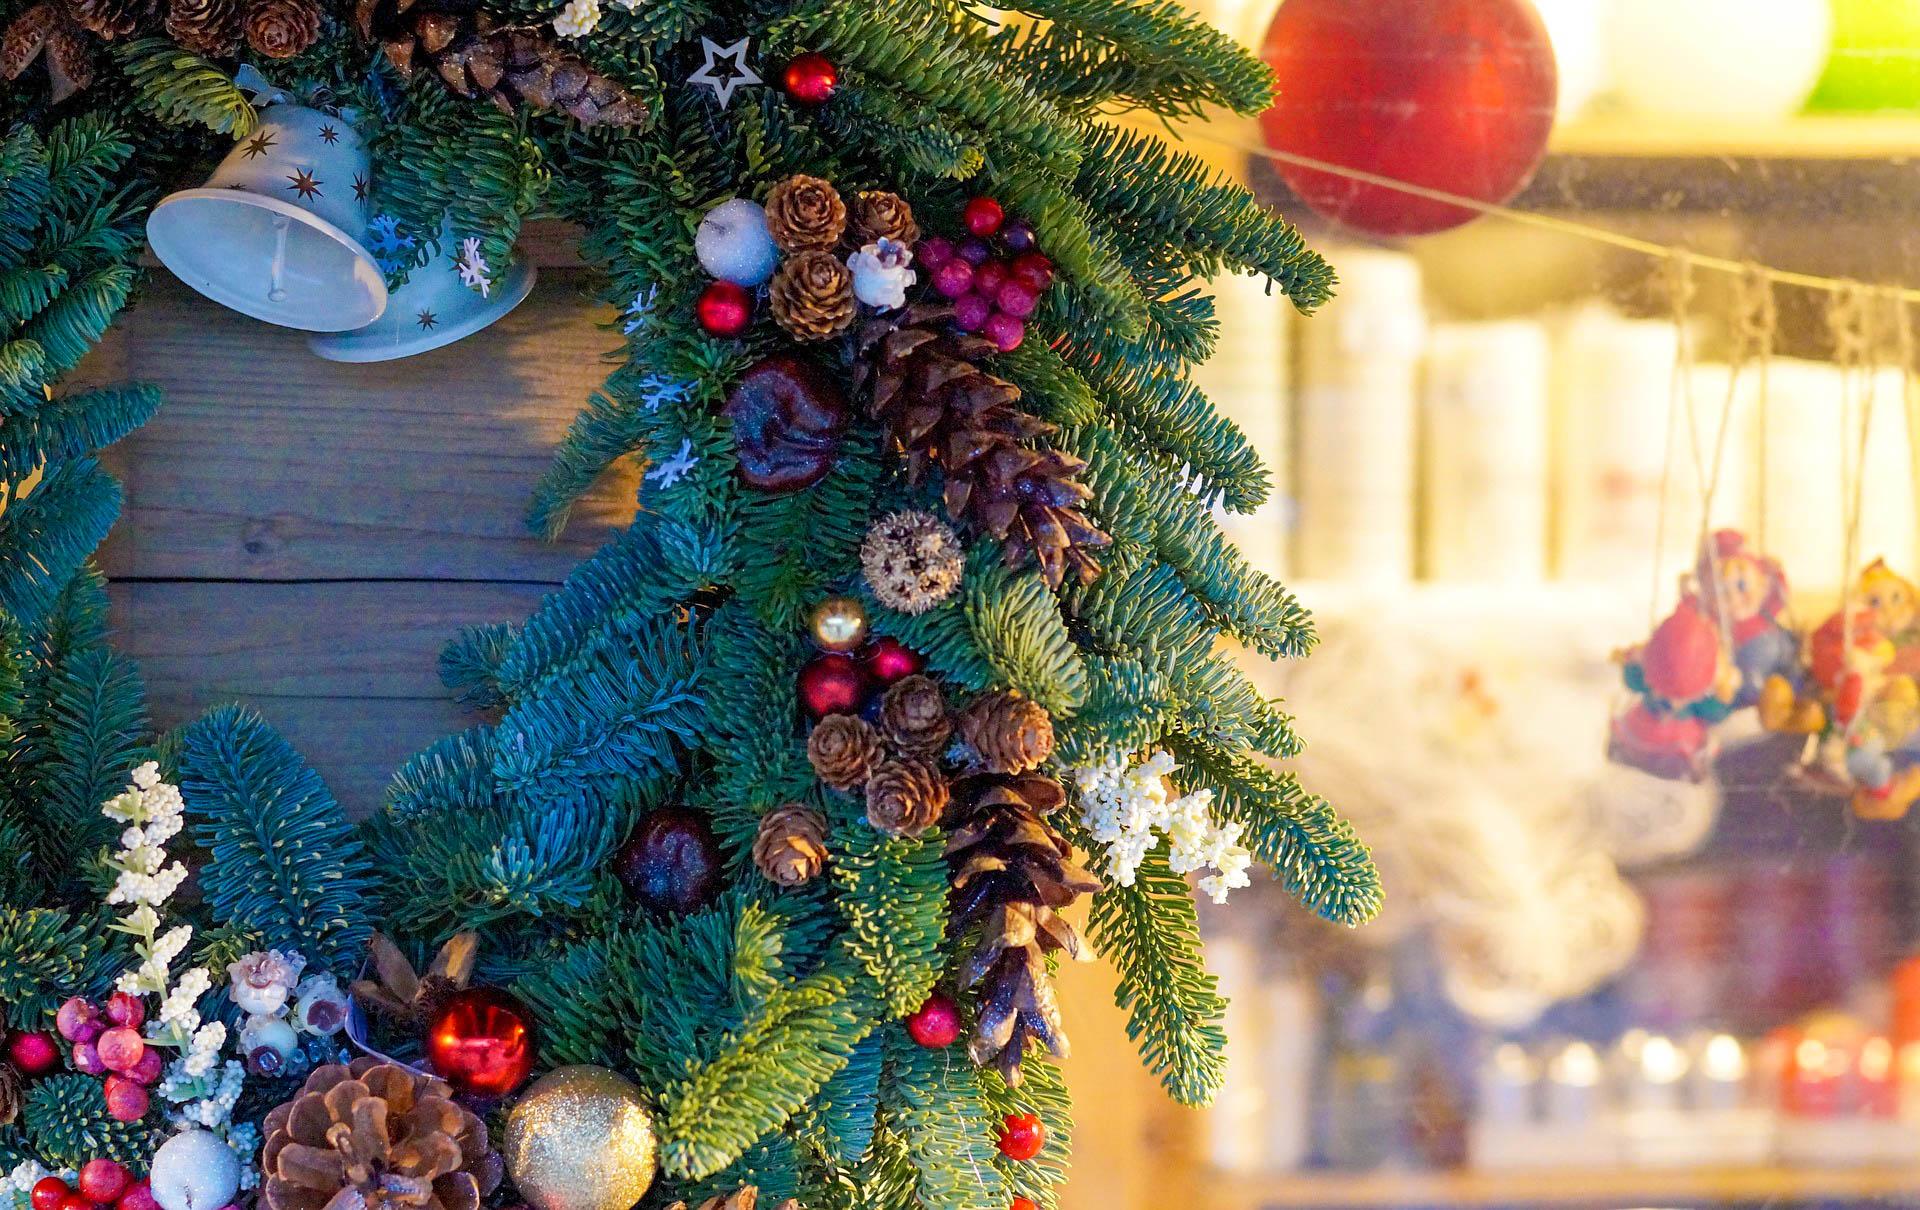 різдво ярмарок